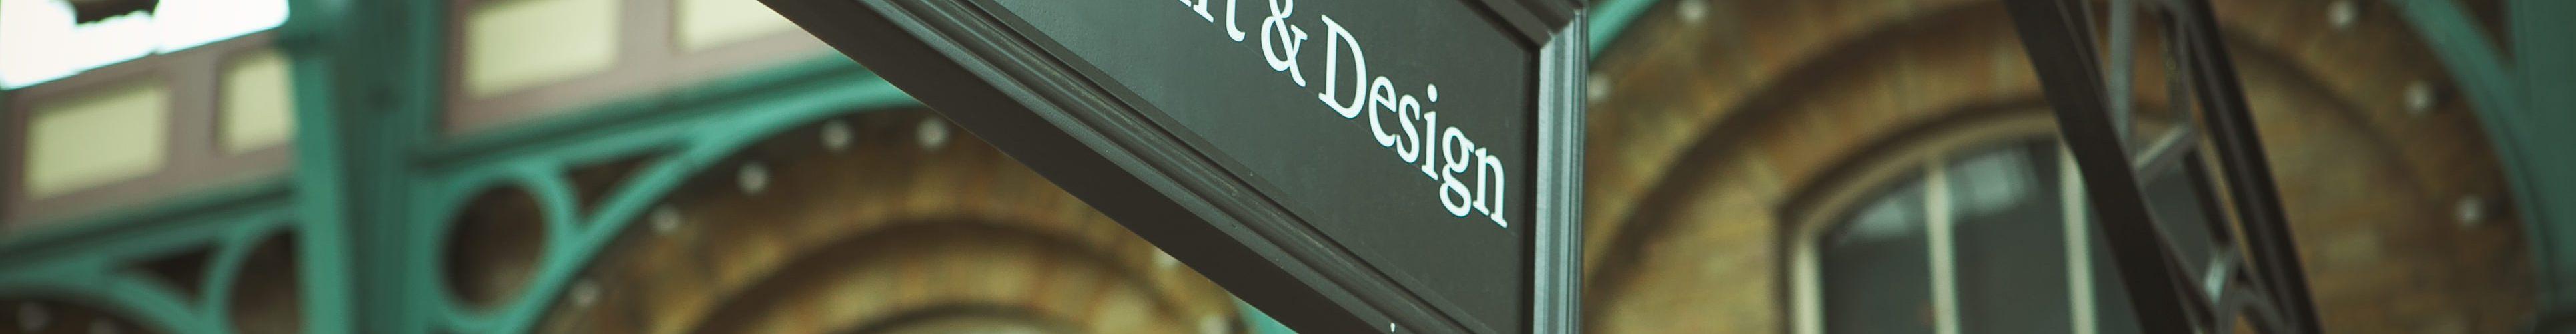 Textverarbeitung und Textgestaltung: Schild